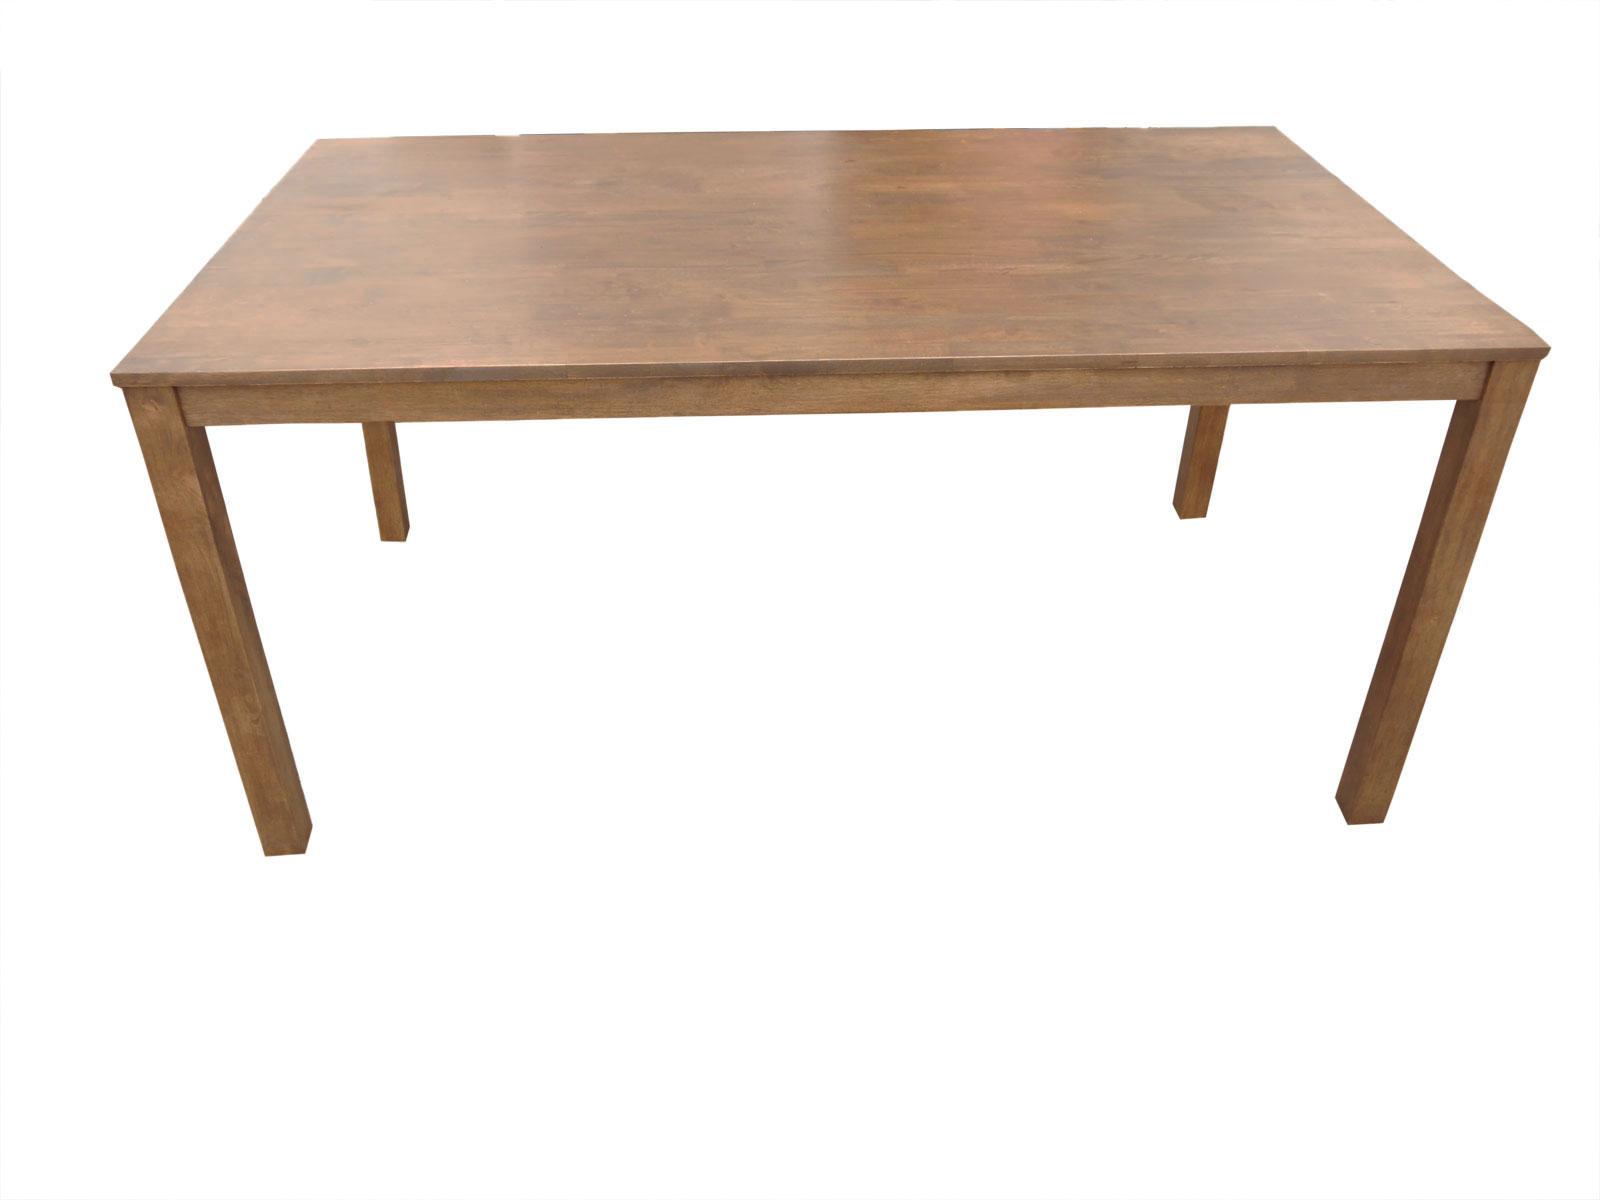 Sam esszimmertisch nussbaumfarbig 120 x 80 cm tom ii for Esszimmertisch 80 cm breit